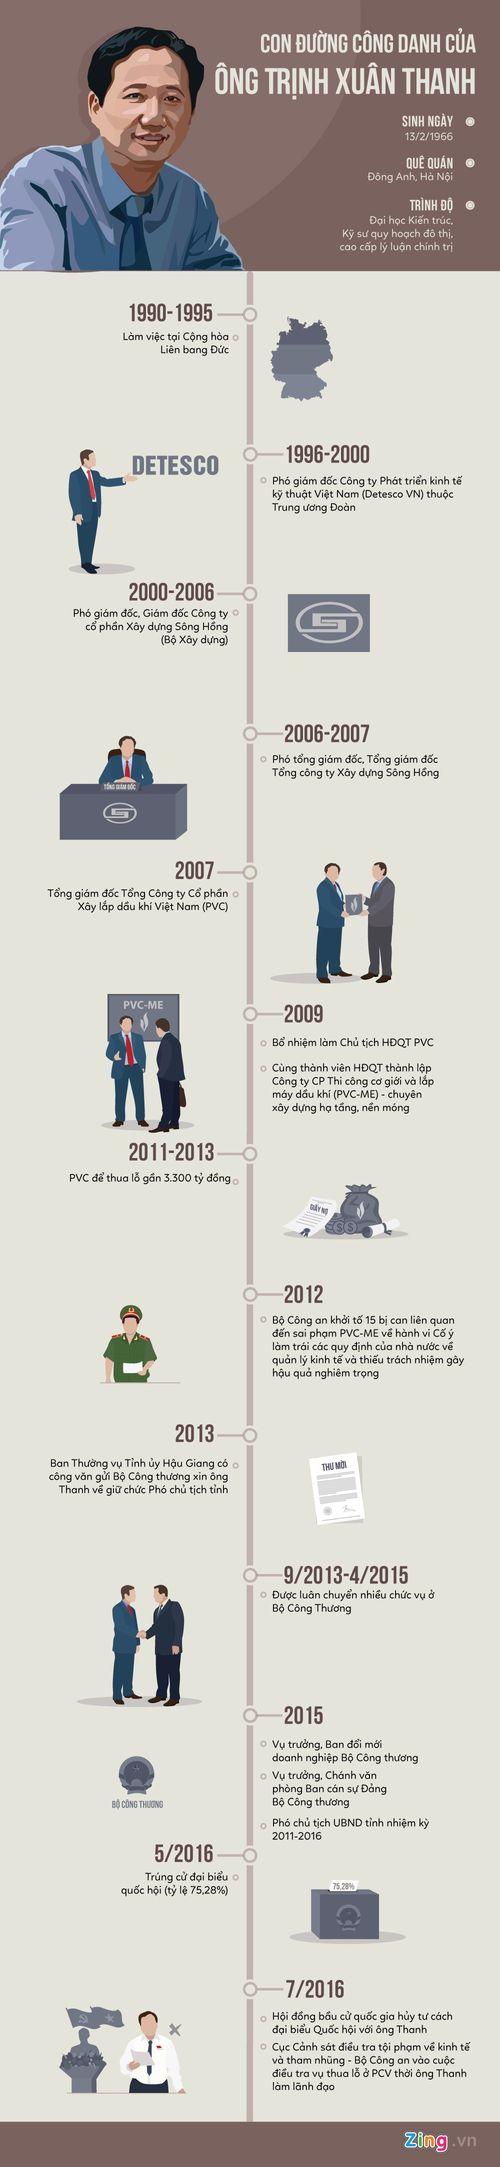 20 năm thăng tiến của ông Trịnh Xuân Thanh - Ảnh 1